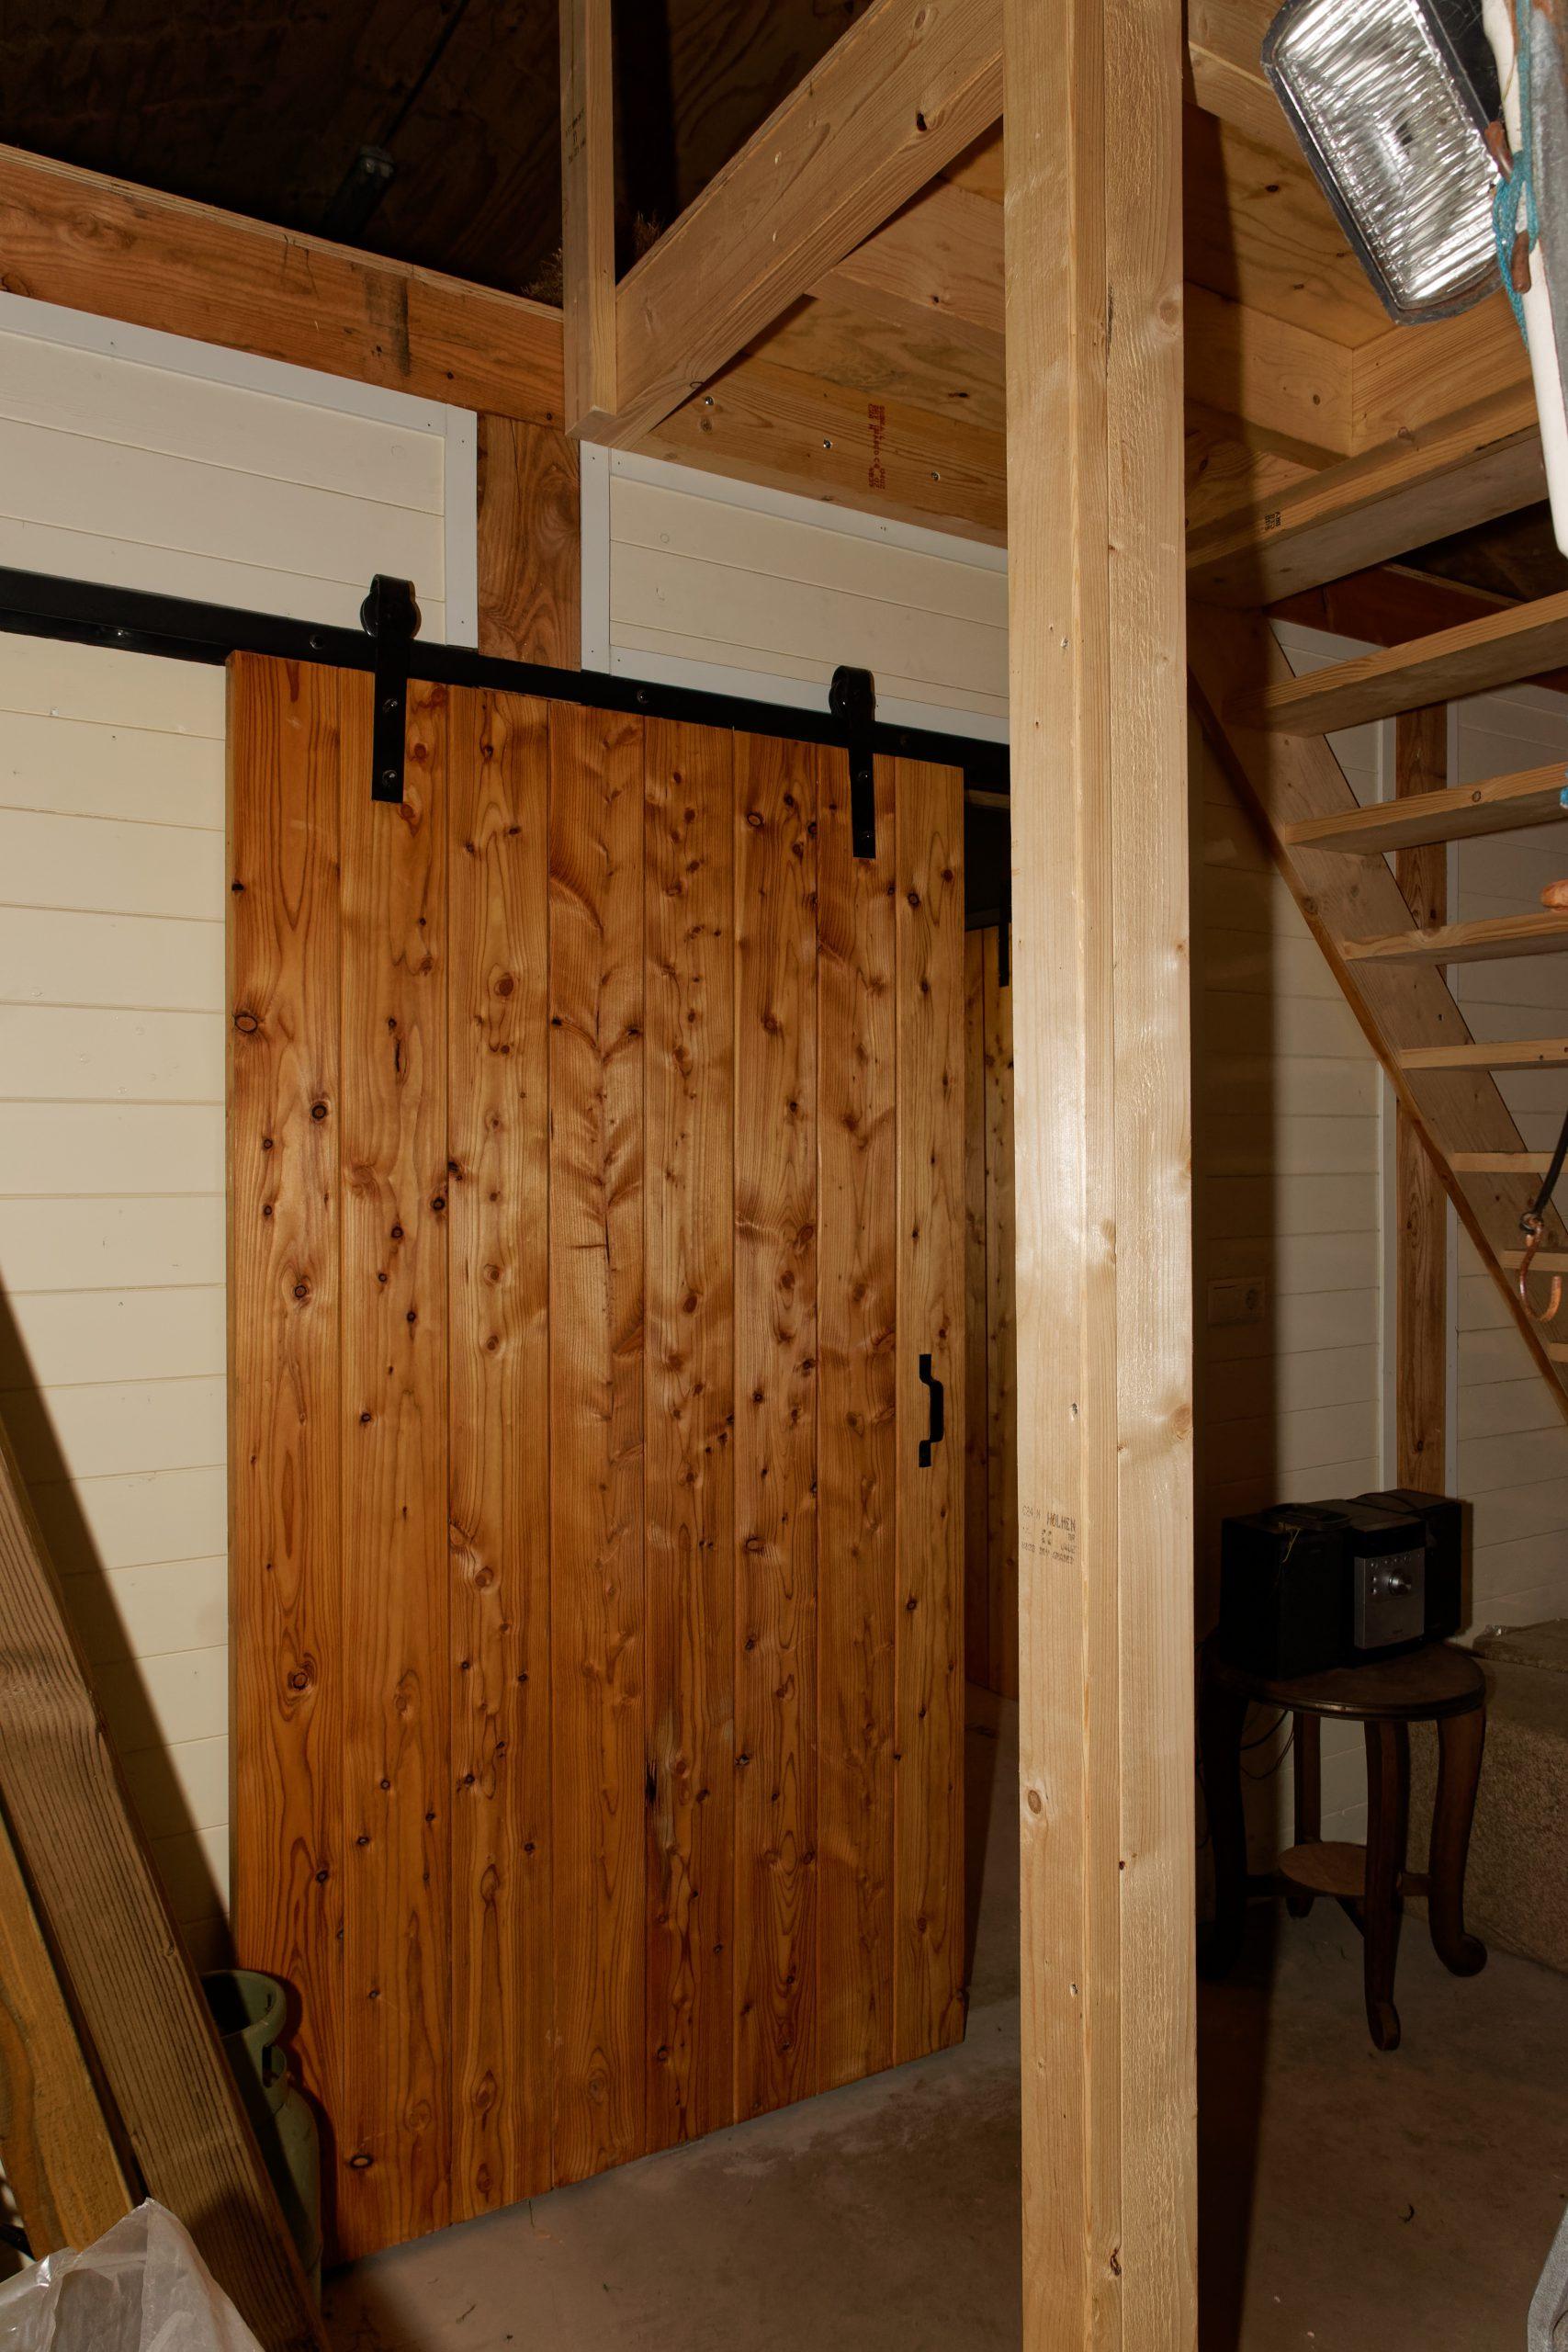 houten-schuur-met-paardenstallen-19-scaled - Project Hardenberg: Grote houten schuur met paardenstallen.